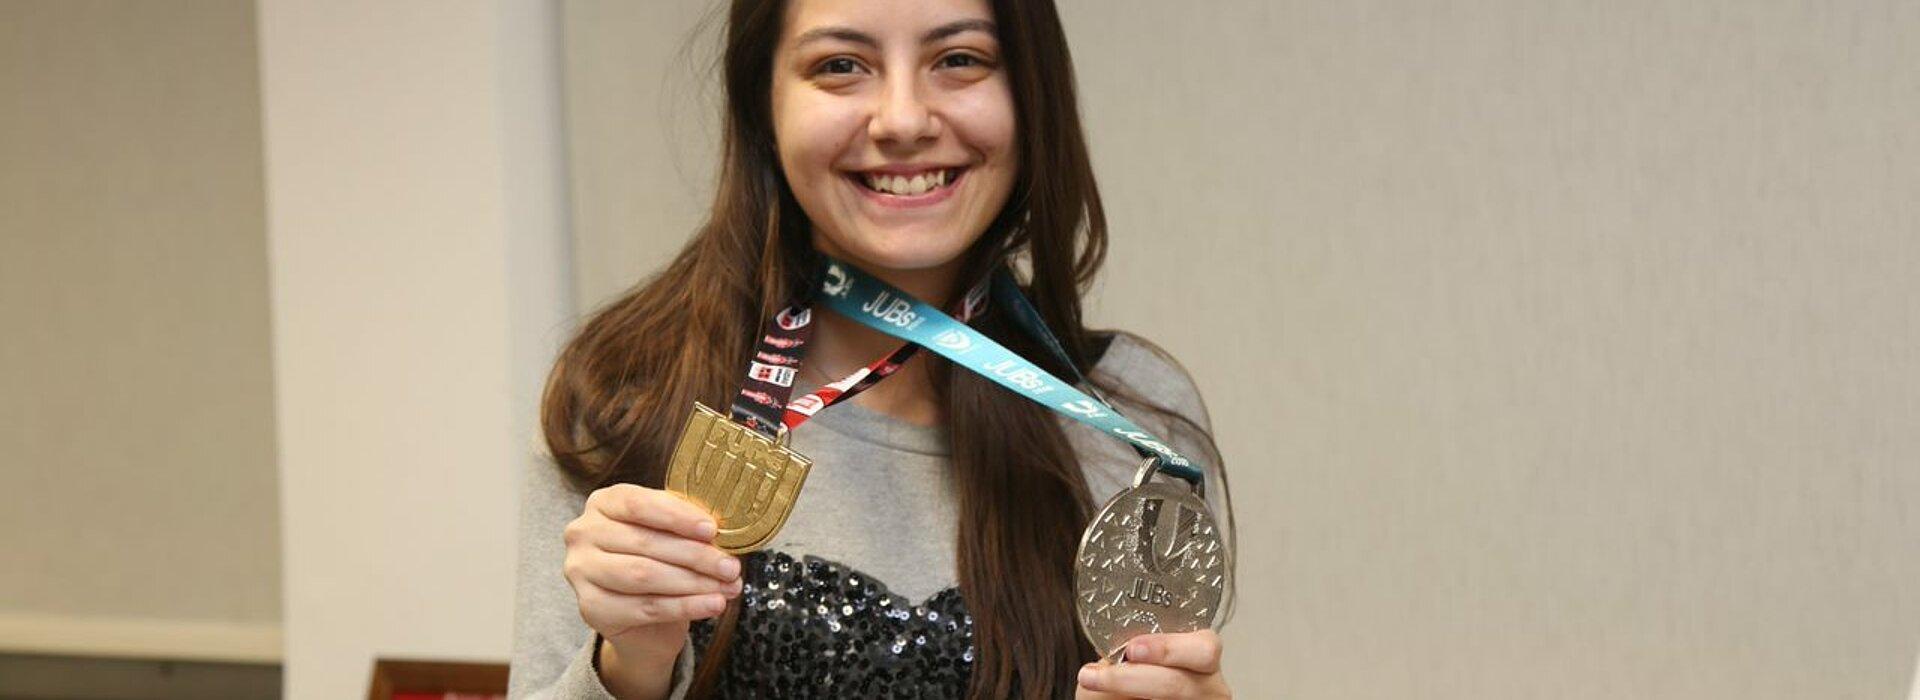 Júlia mostrando medalhas